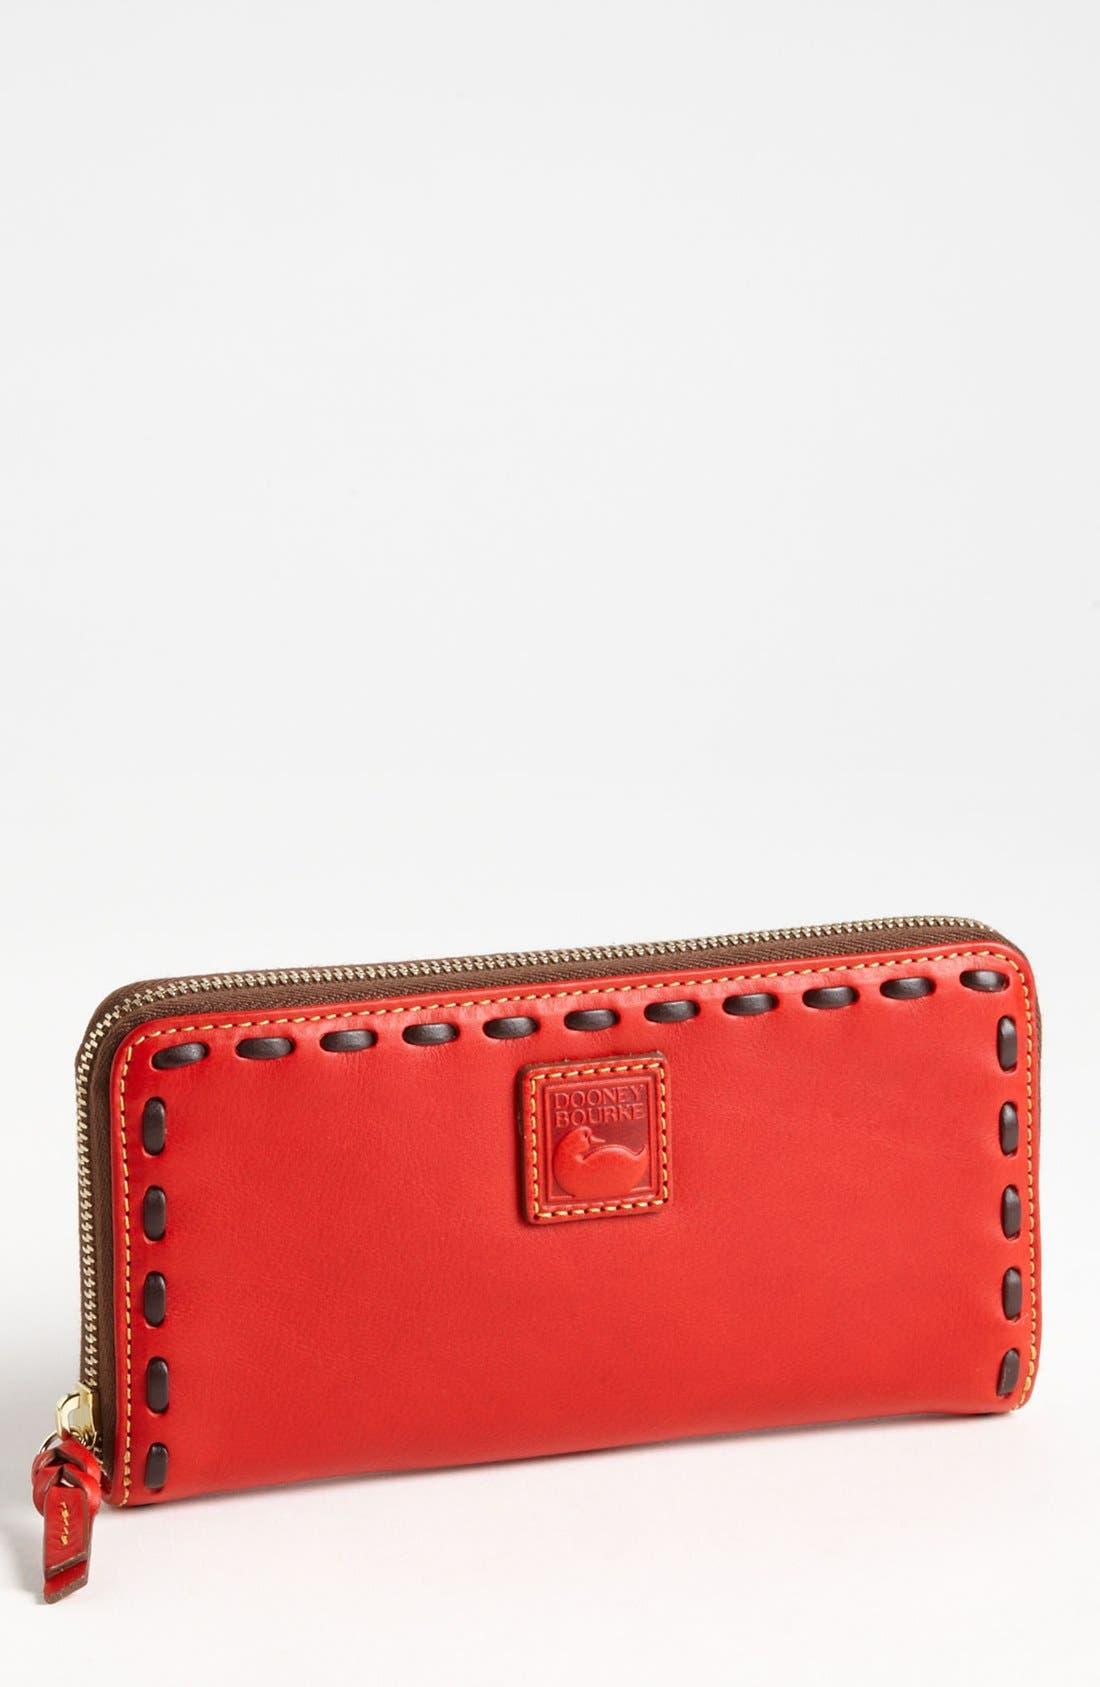 Main Image - Dooney & Bourke 'Florentine - Large' Zip Around Wallet